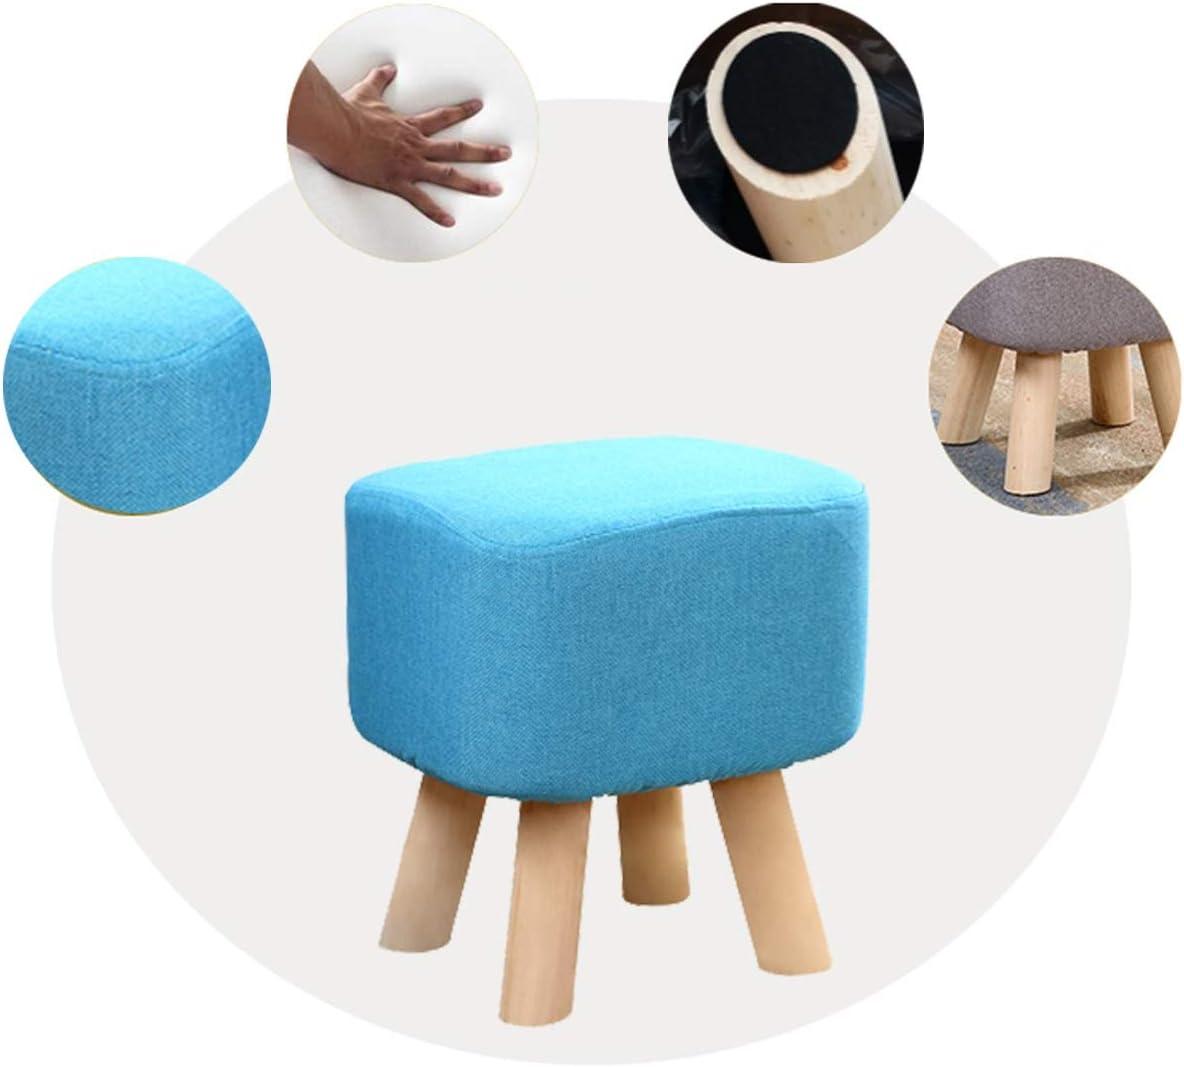 MUYUNXI Activité Chambre Repose-Pieds, Créatif Accueil en Bois Massif Tabouret, Party Game Rest/Bas Tabouret, Multi-Choix De Couleurs, Hauteur 35cm (Color : Sky Blue) Sky Blue